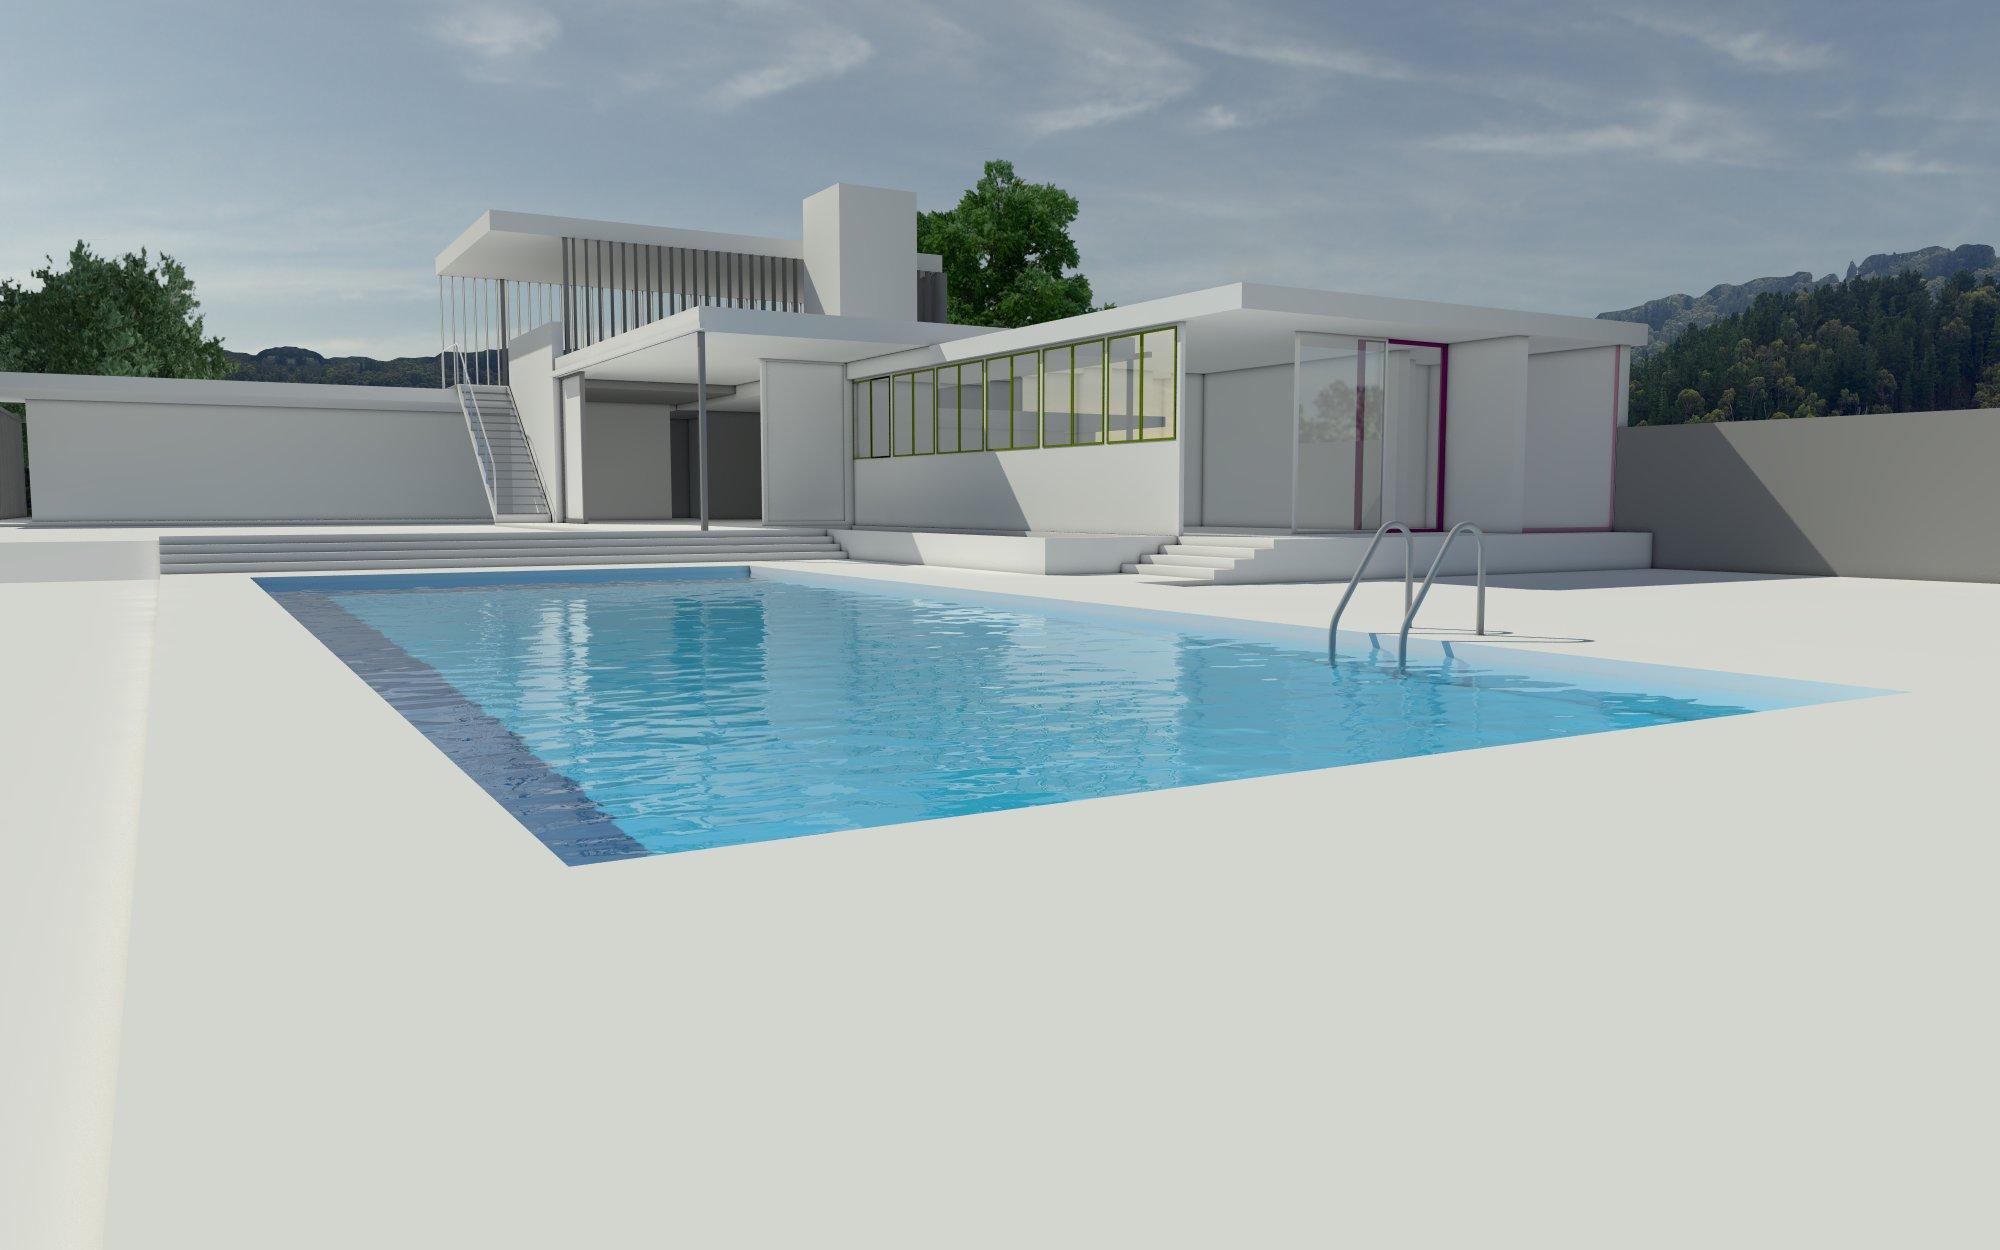 sketchando • ver tema - [resuelto] piscina plana